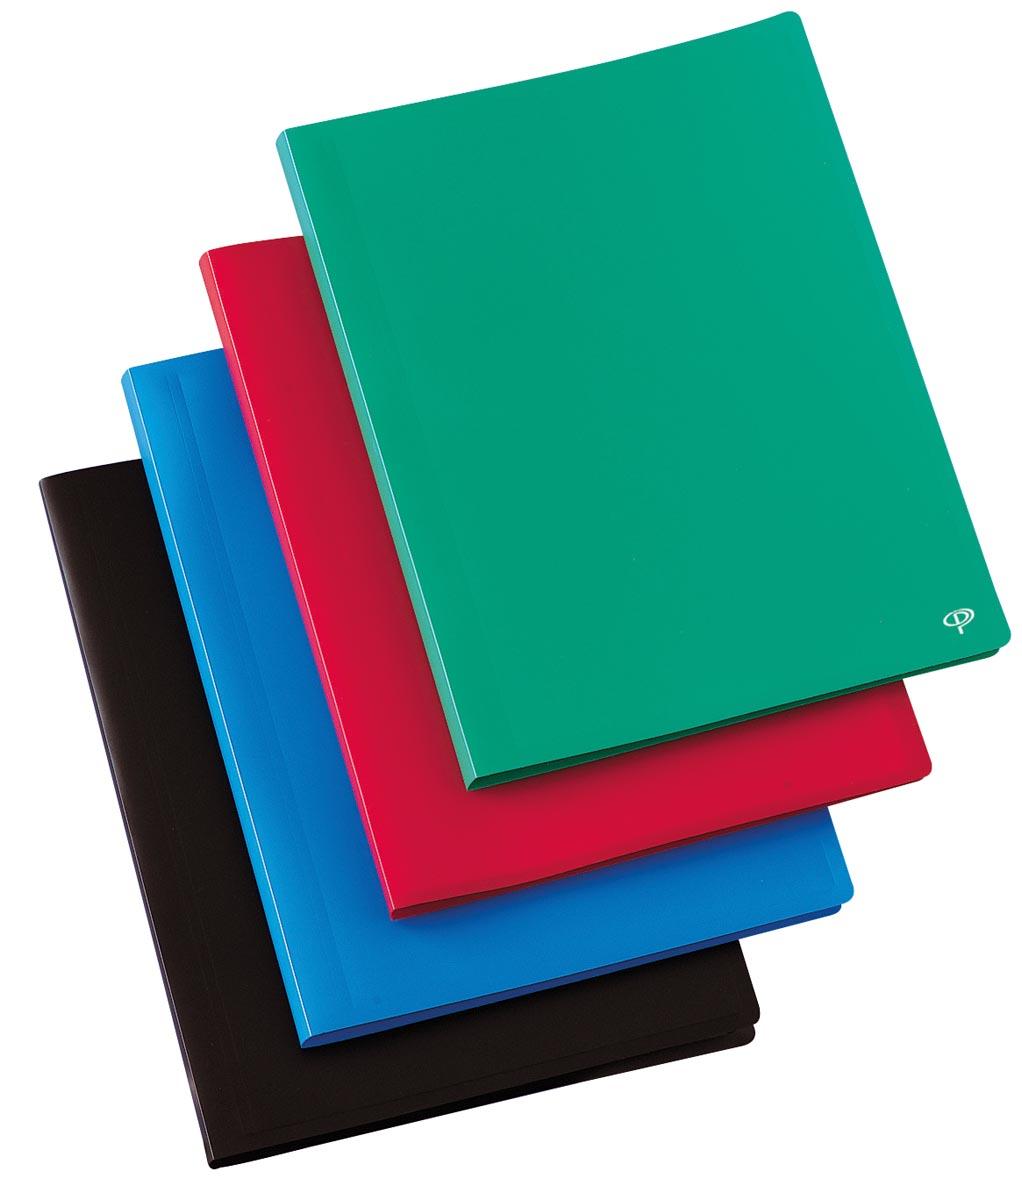 Pergamy showalbum, voor ft A4, met 10 transparante tassen, in geassorteerde kleuren